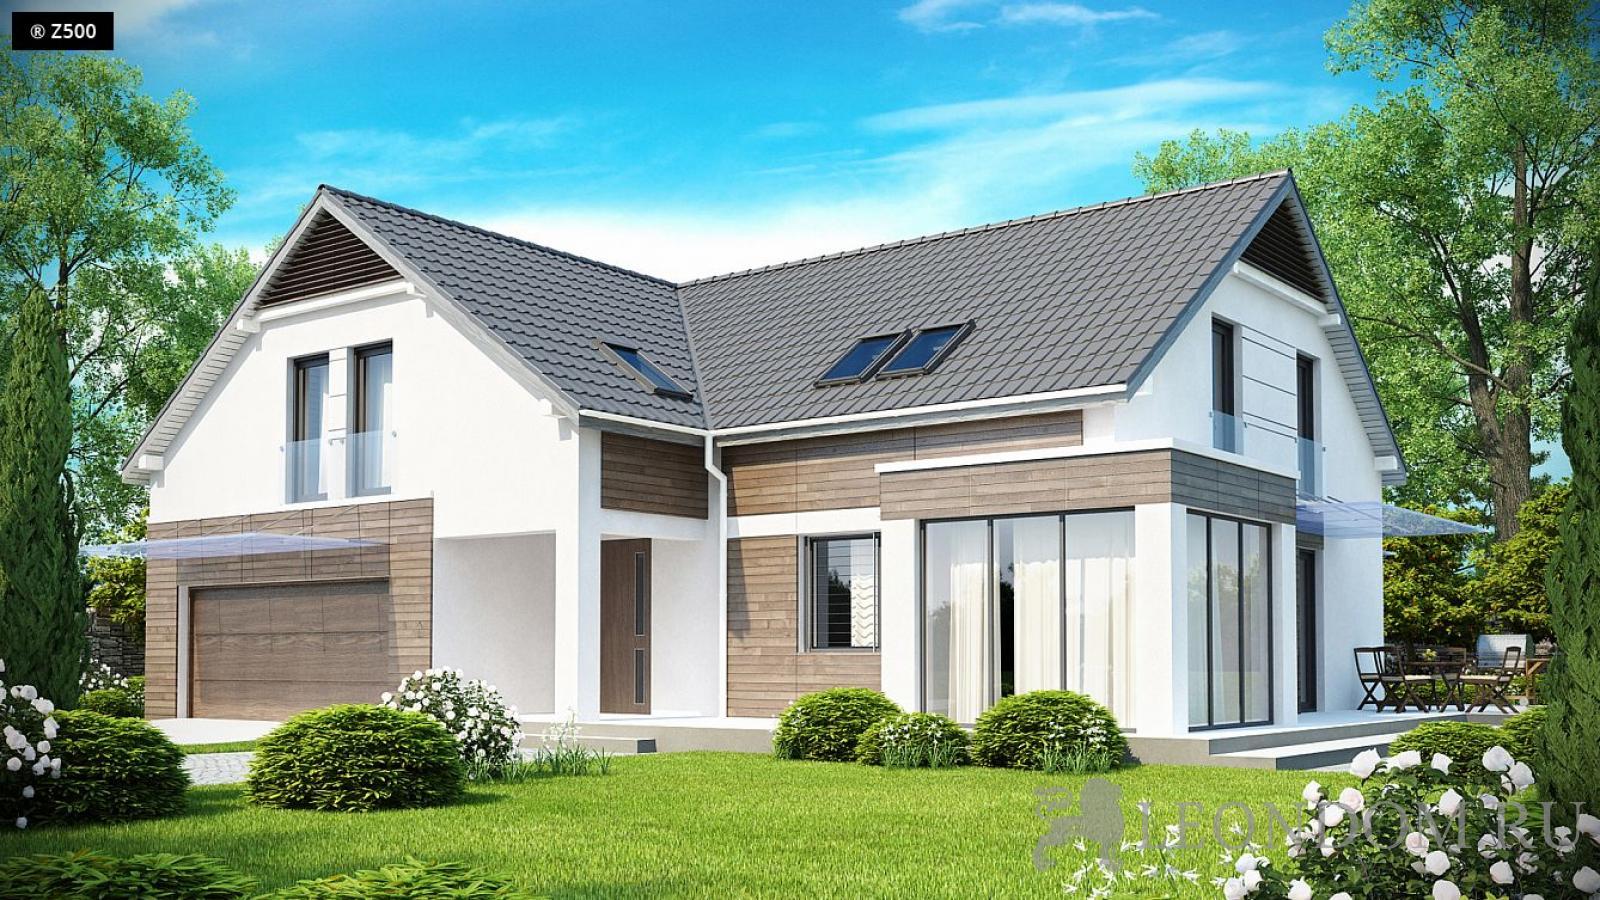 Авторские готовые проекты домов и коттеджей Инваполис